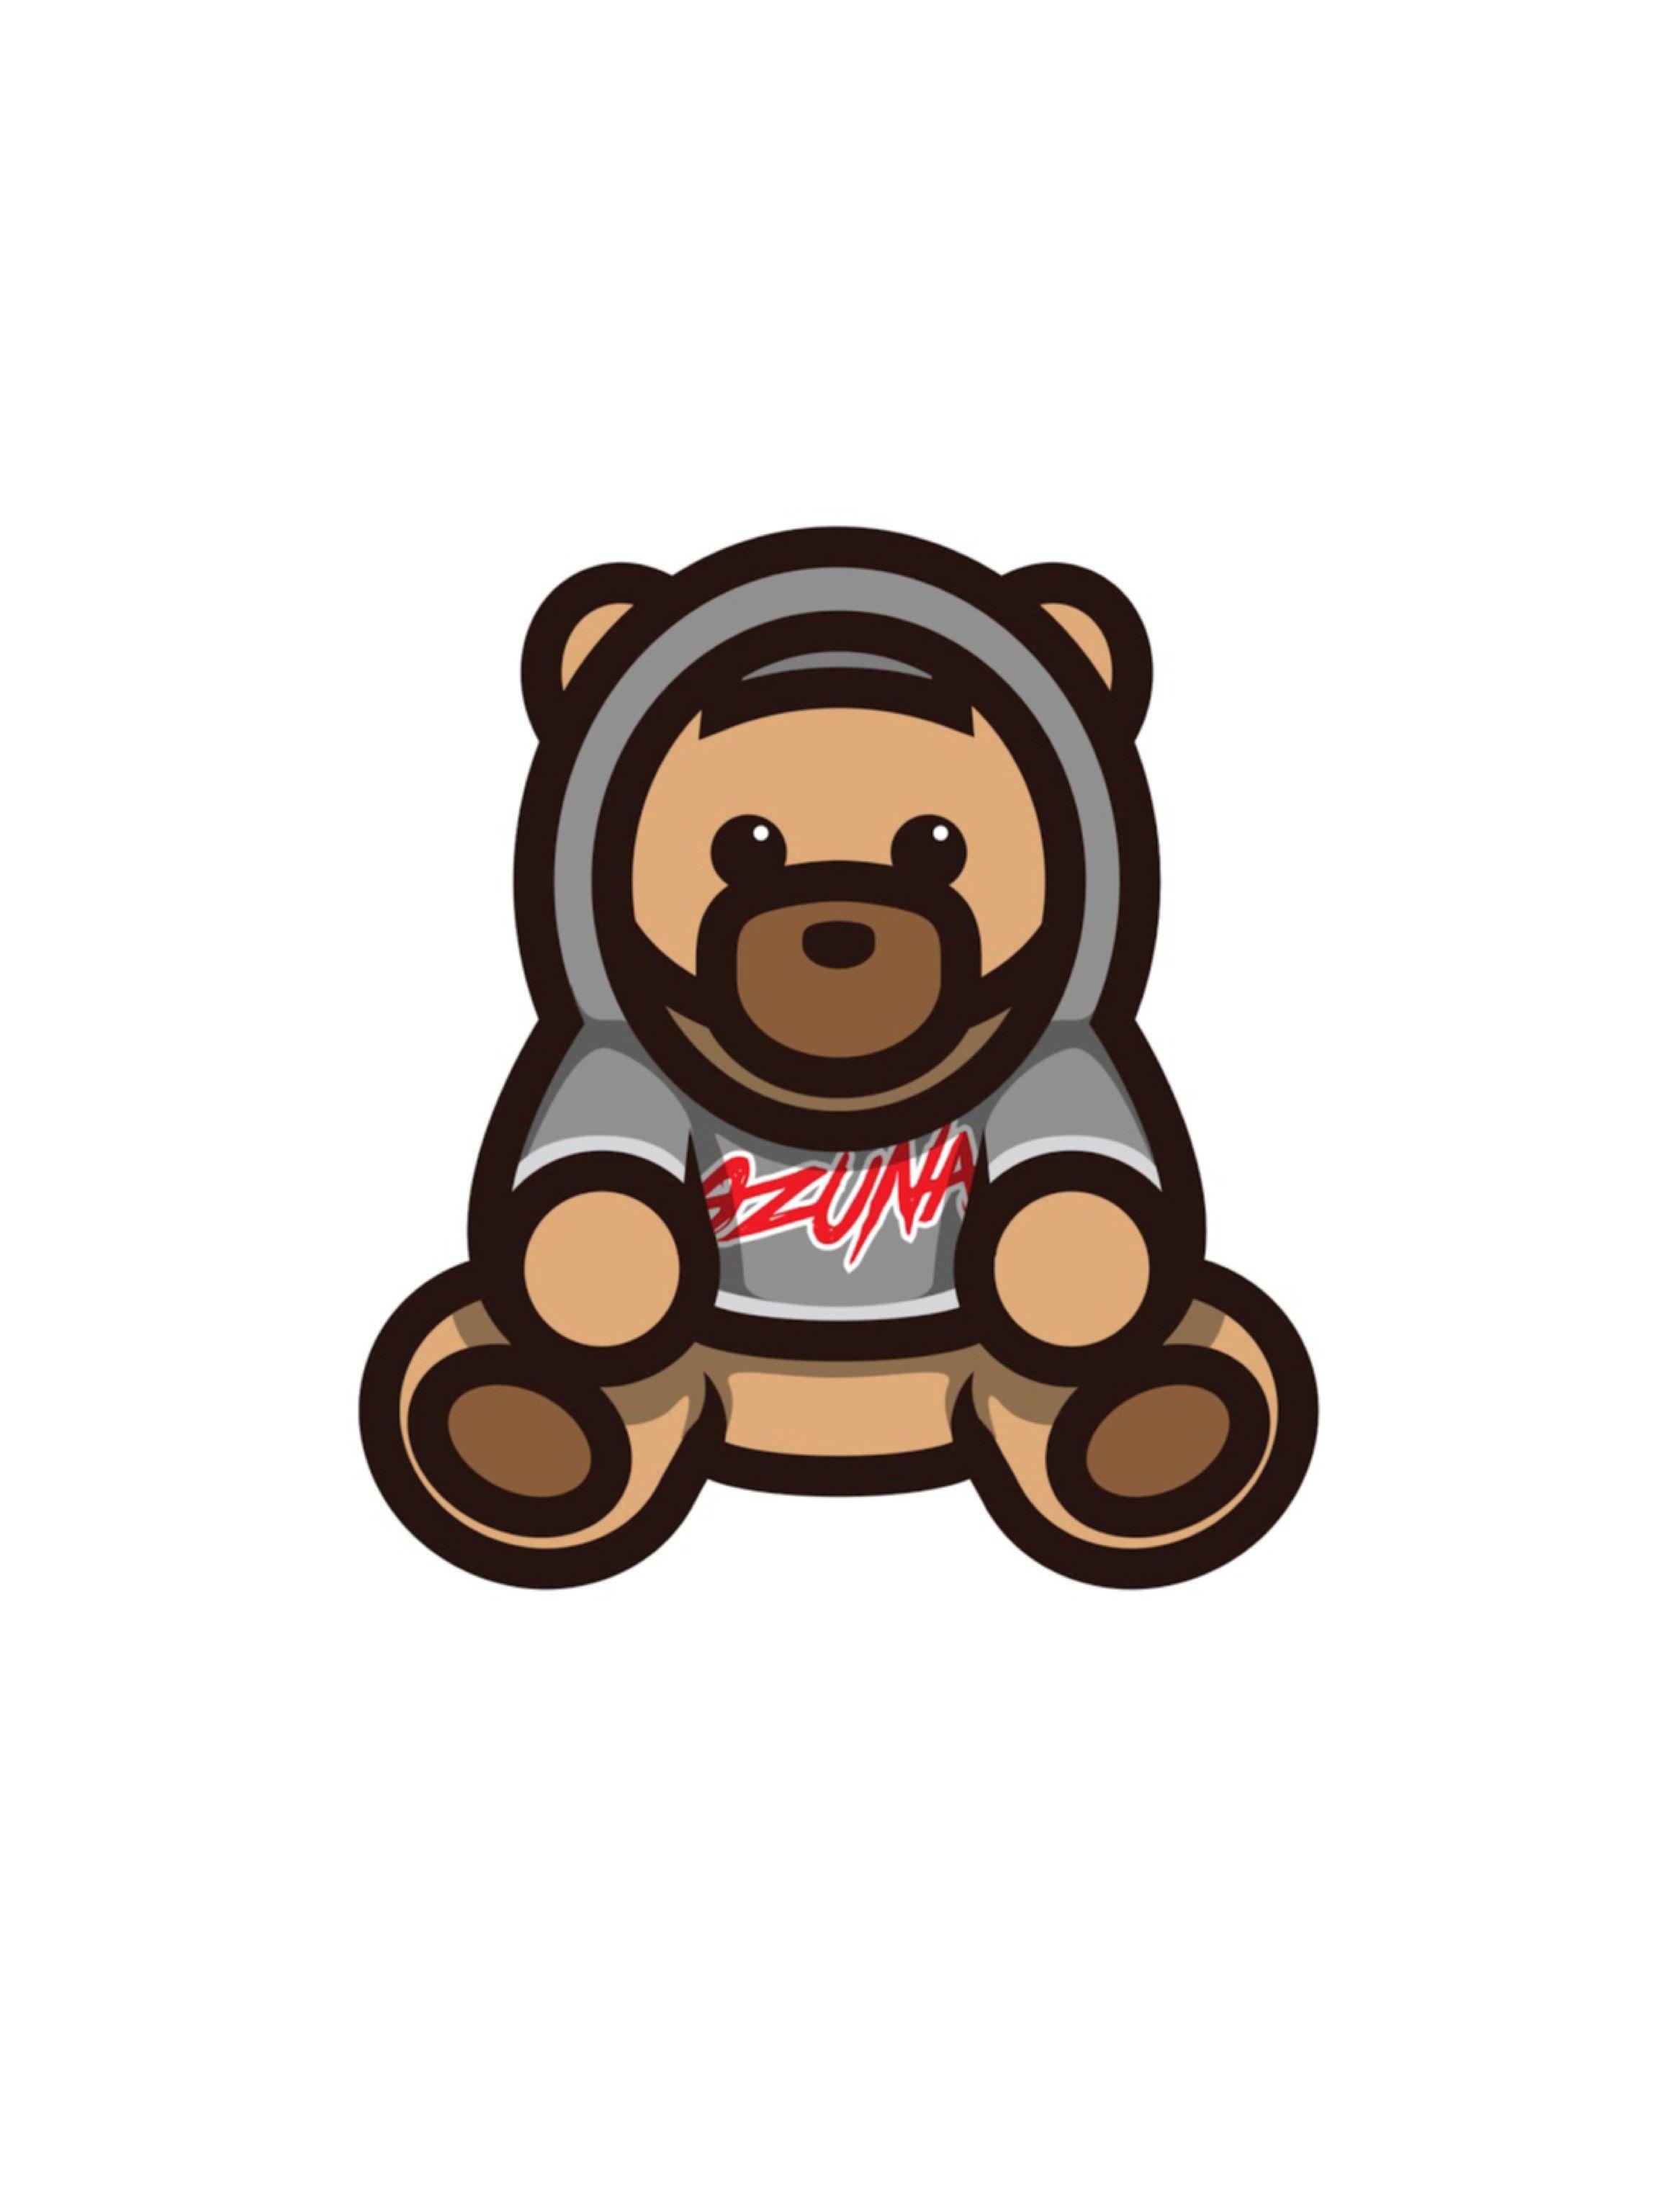 Ozuna Logo Osito Fondo De Pantalla Oso Frases De Ozuna Fondos De Pantalla De Juegos